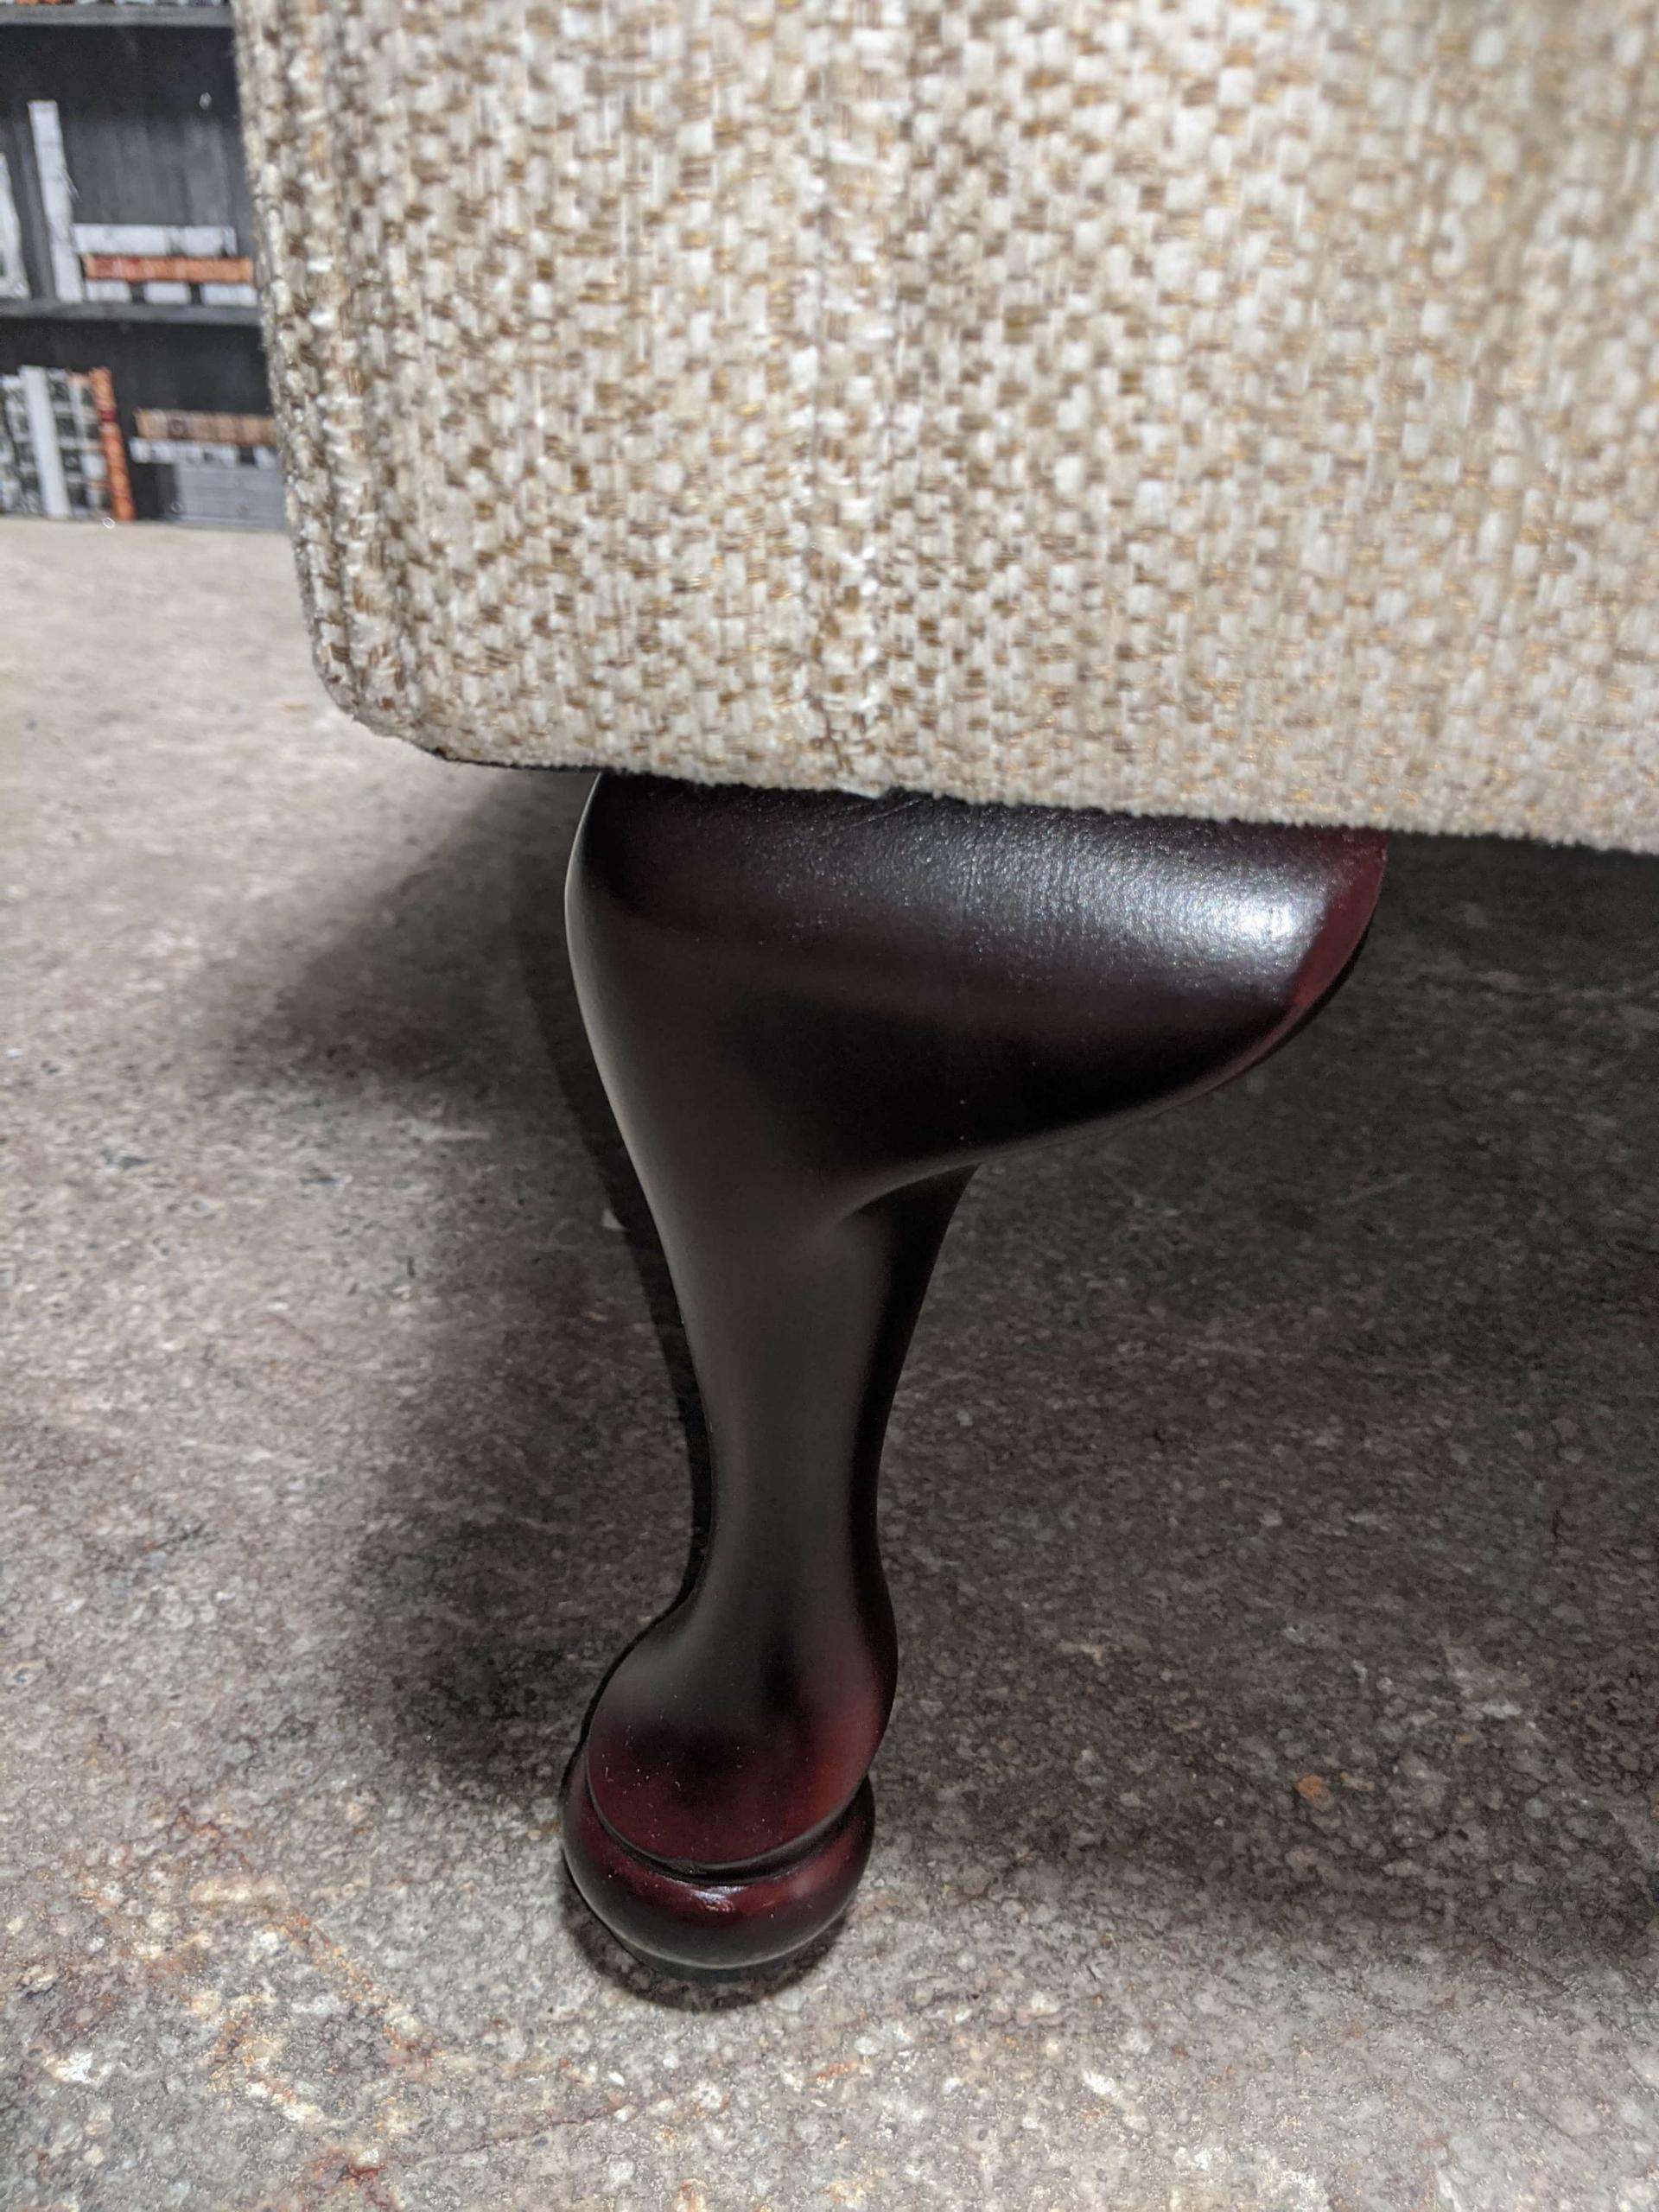 Queen Anne Chair Barley Leg View